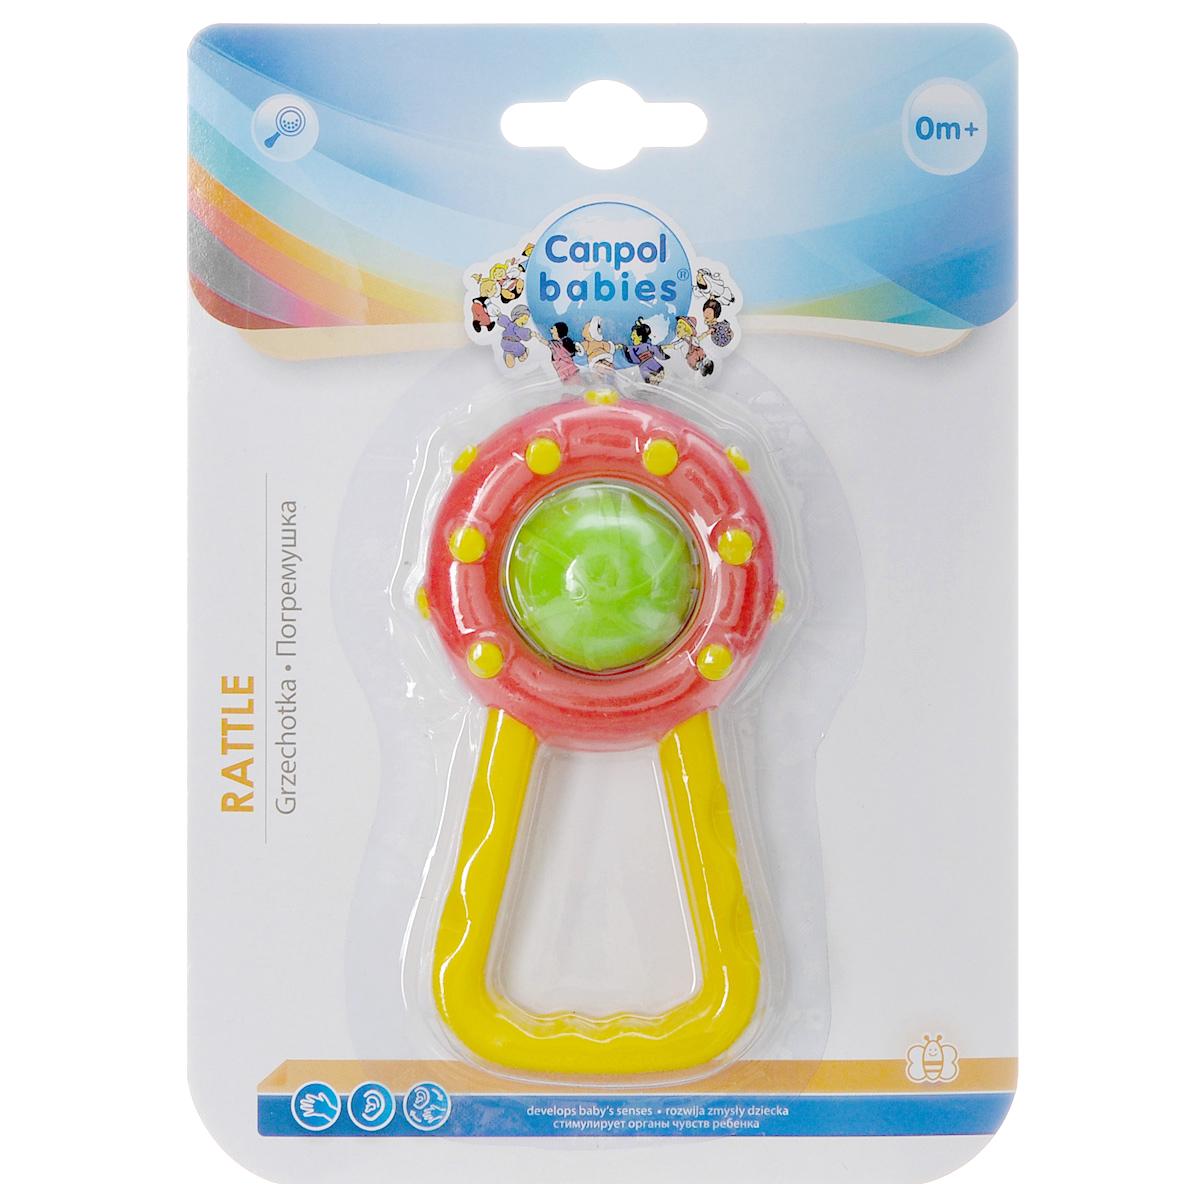 Погремушка Canpol Babies, цвет: желтый, красный. 2/8042/804_желтый/красныйЯркая игрушка-погремушка Canpol не оставит вашего малыша равнодушным и не позволит ему скучать! Игрушка представляет собой кольцо с вращающимся непрозрачным шаром, внутри которого расположены маленькие шарики, выполняющие роль погремушки. Удобная форма ручки погремушки позволит малышу с легкостью взять и держать ее. Яркие цвета игрушки направлены на развитие мыслительной деятельности, цветовосприятия, тактильных ощущений и мелкой моторики рук ребенка, а элемент погремушки способствует развитию слуха.